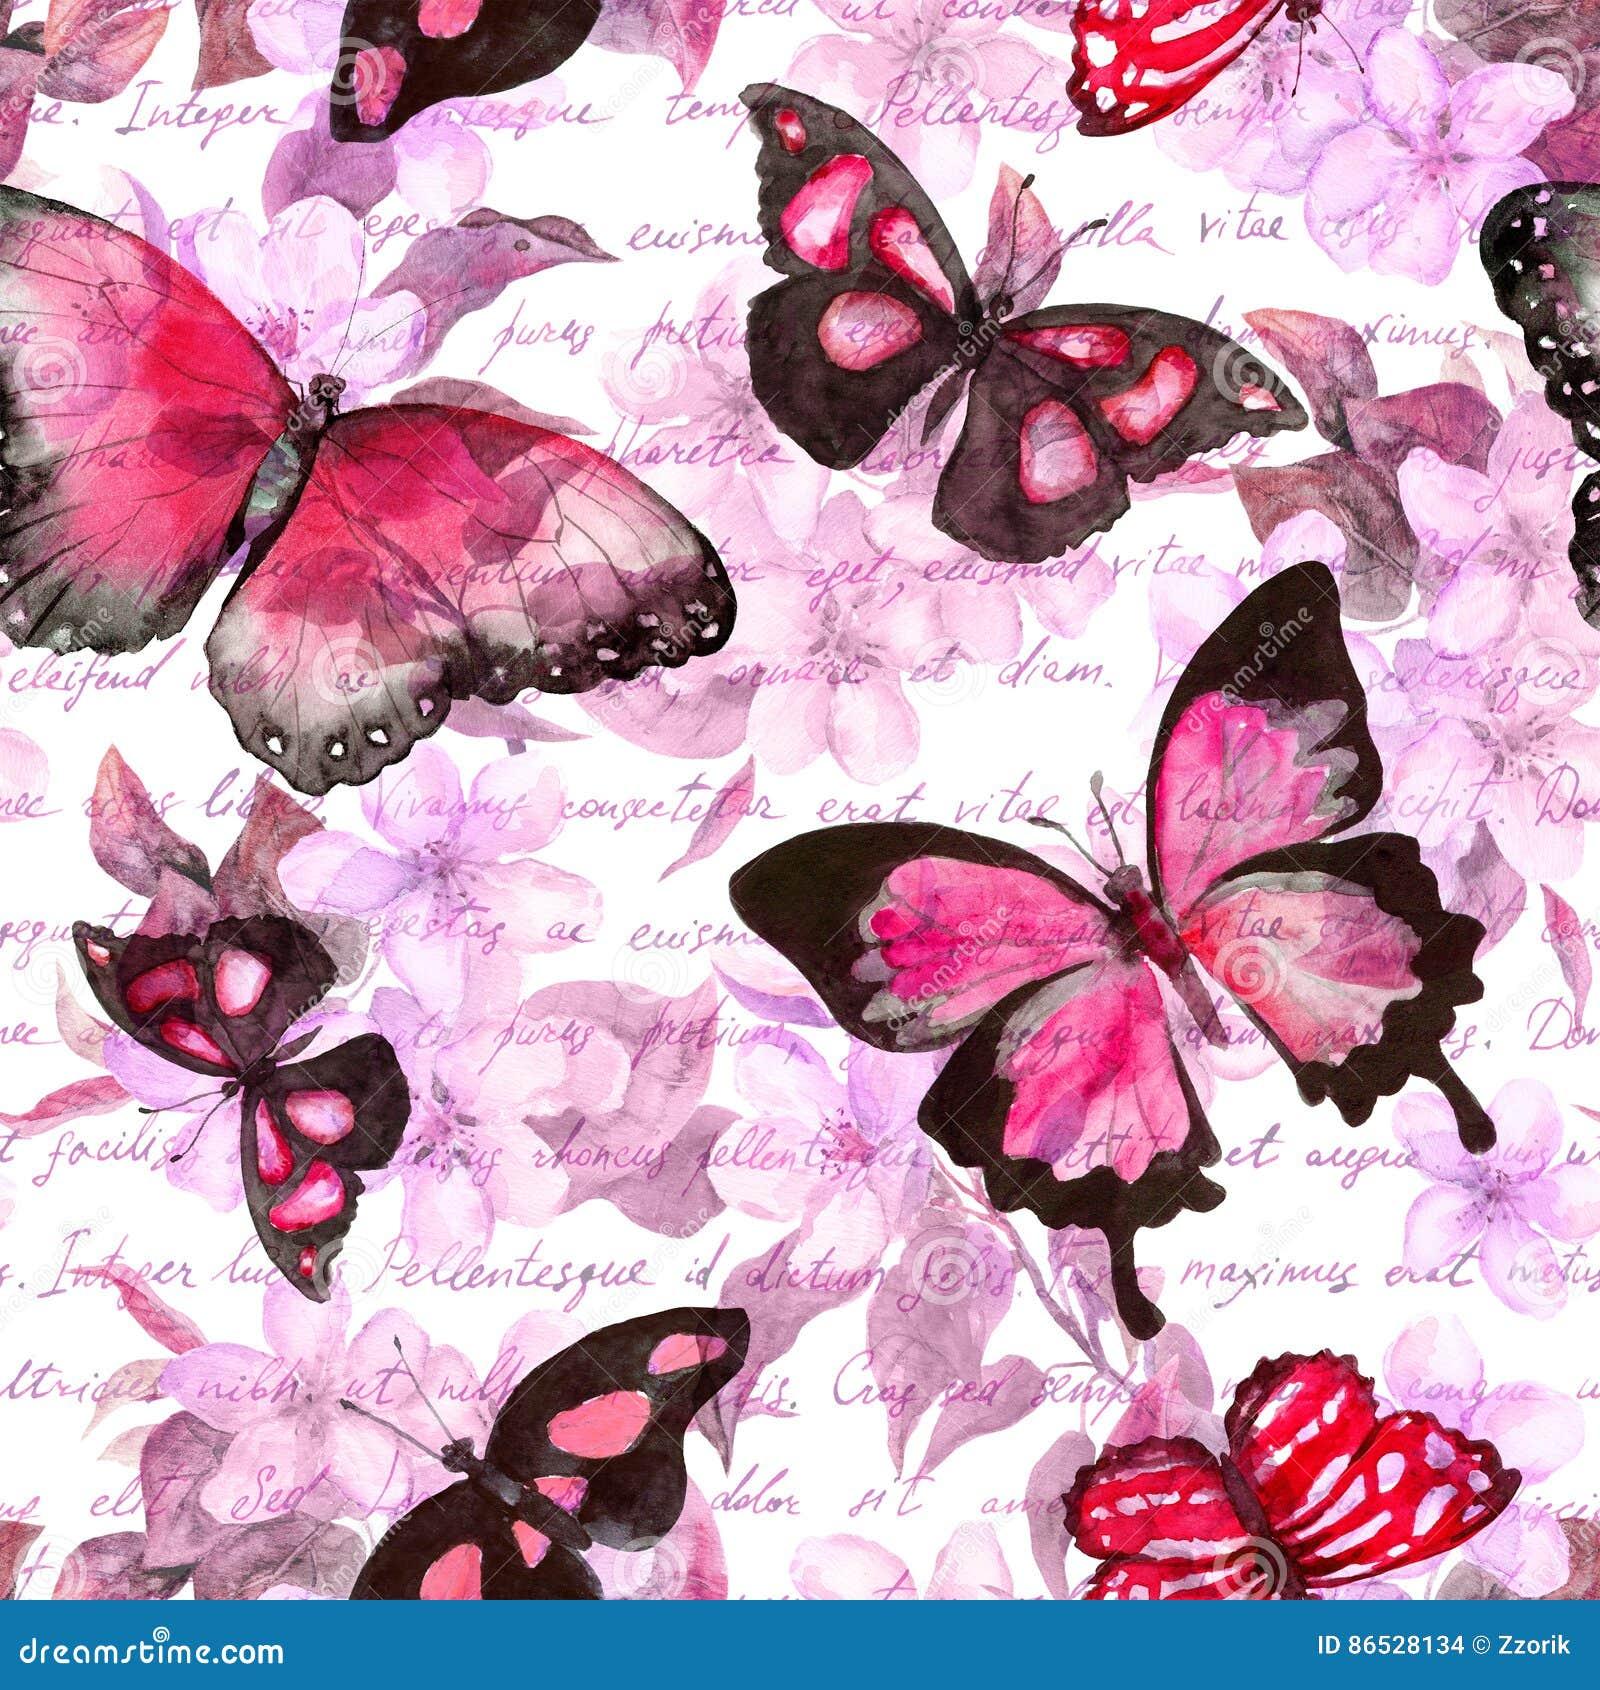 Blumen Schmetterlinge Anmerkung Des Handschriftlichen Textes